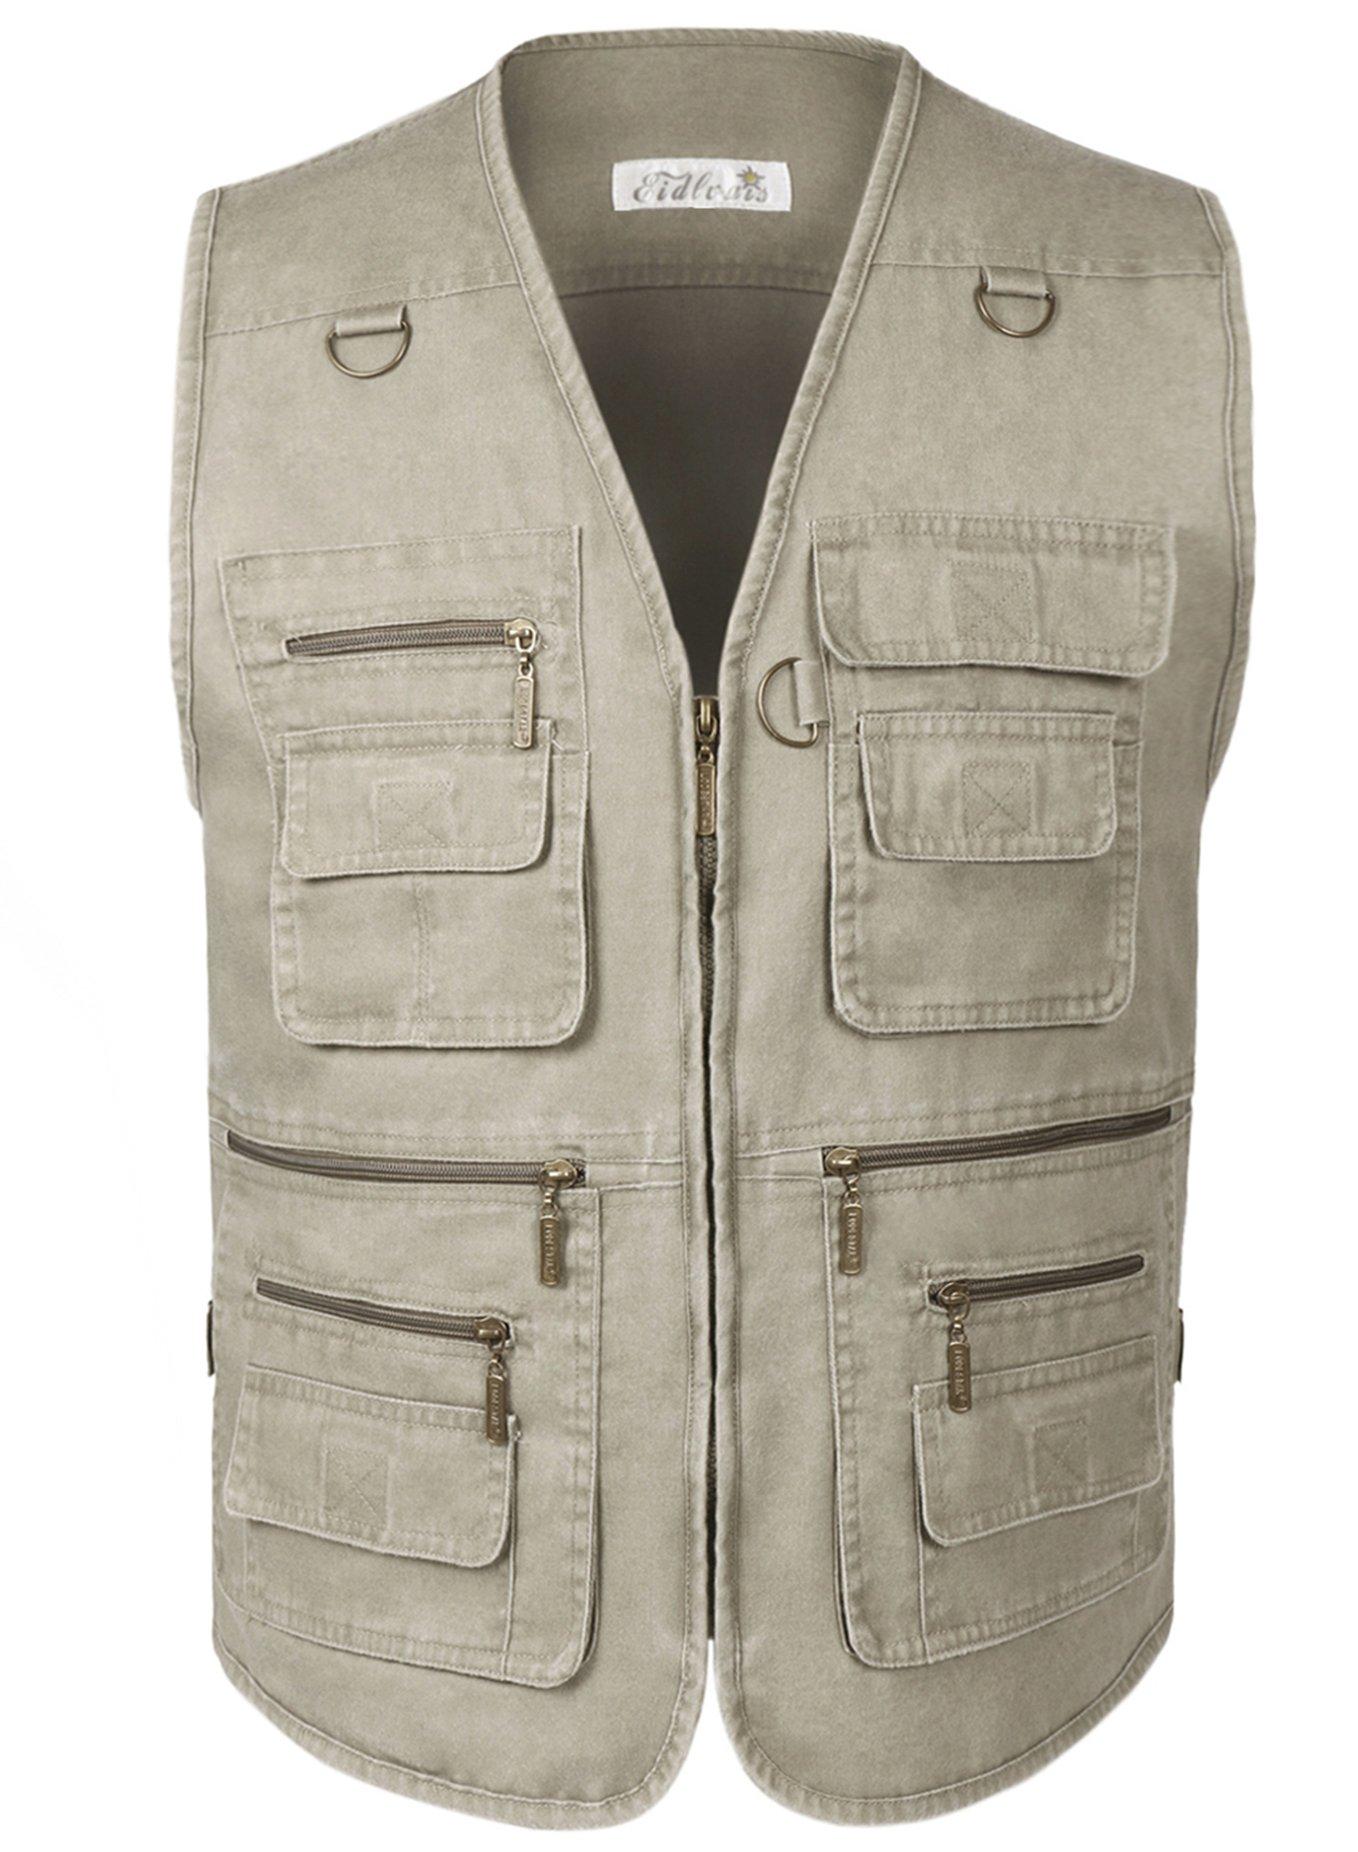 Eidlvais Men's Multi-Pockets Vest For Outdoors Travels Sports Khaki Size XL